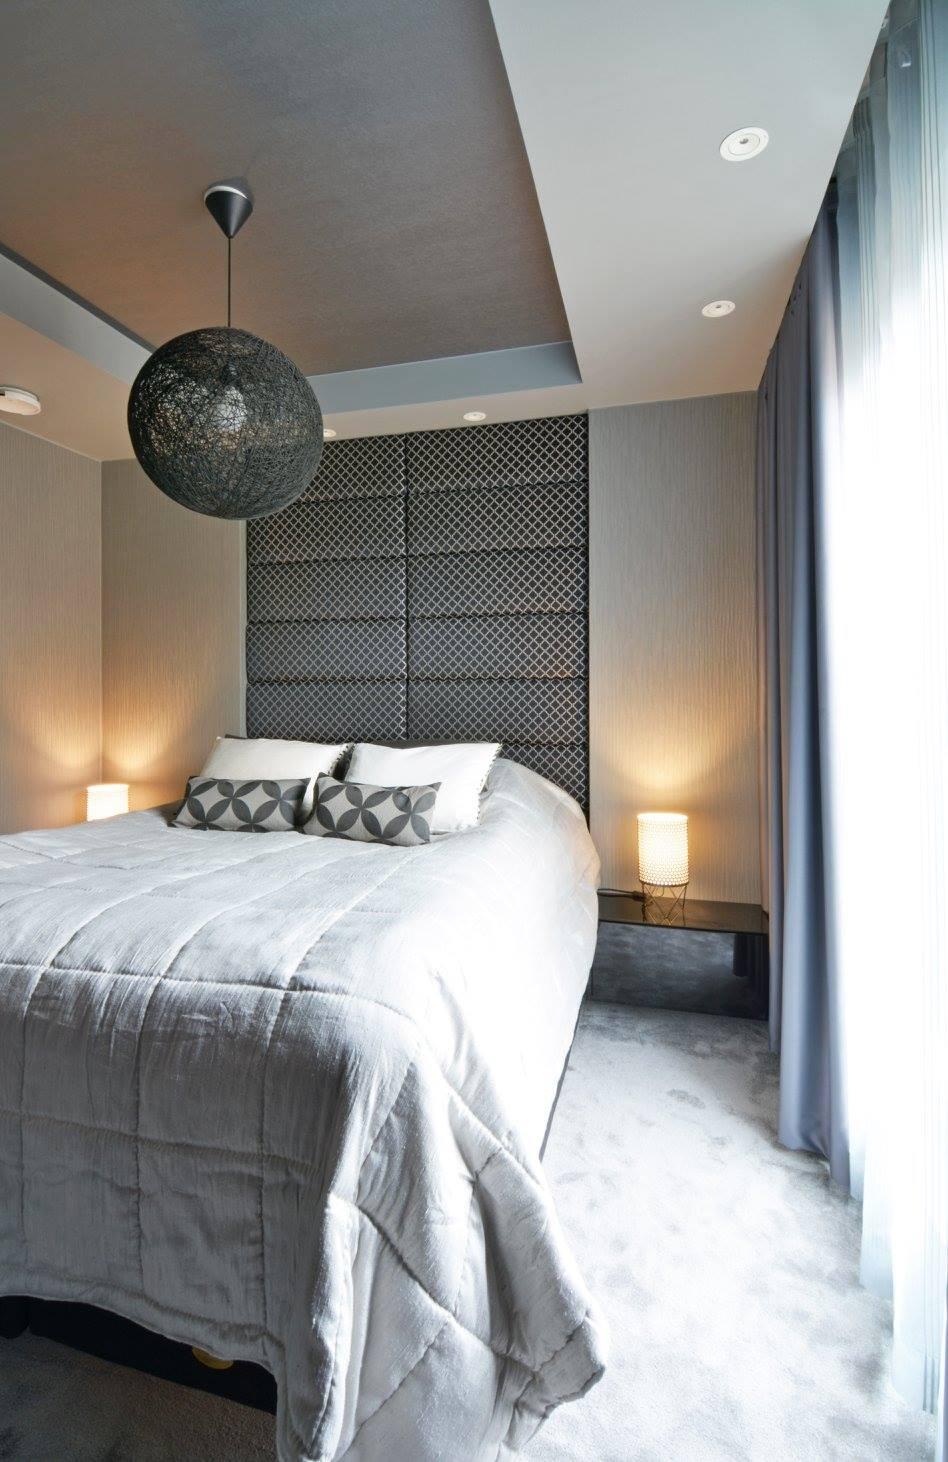 hotellitunnelmaa-kerrostalokotiin-makuuhuone